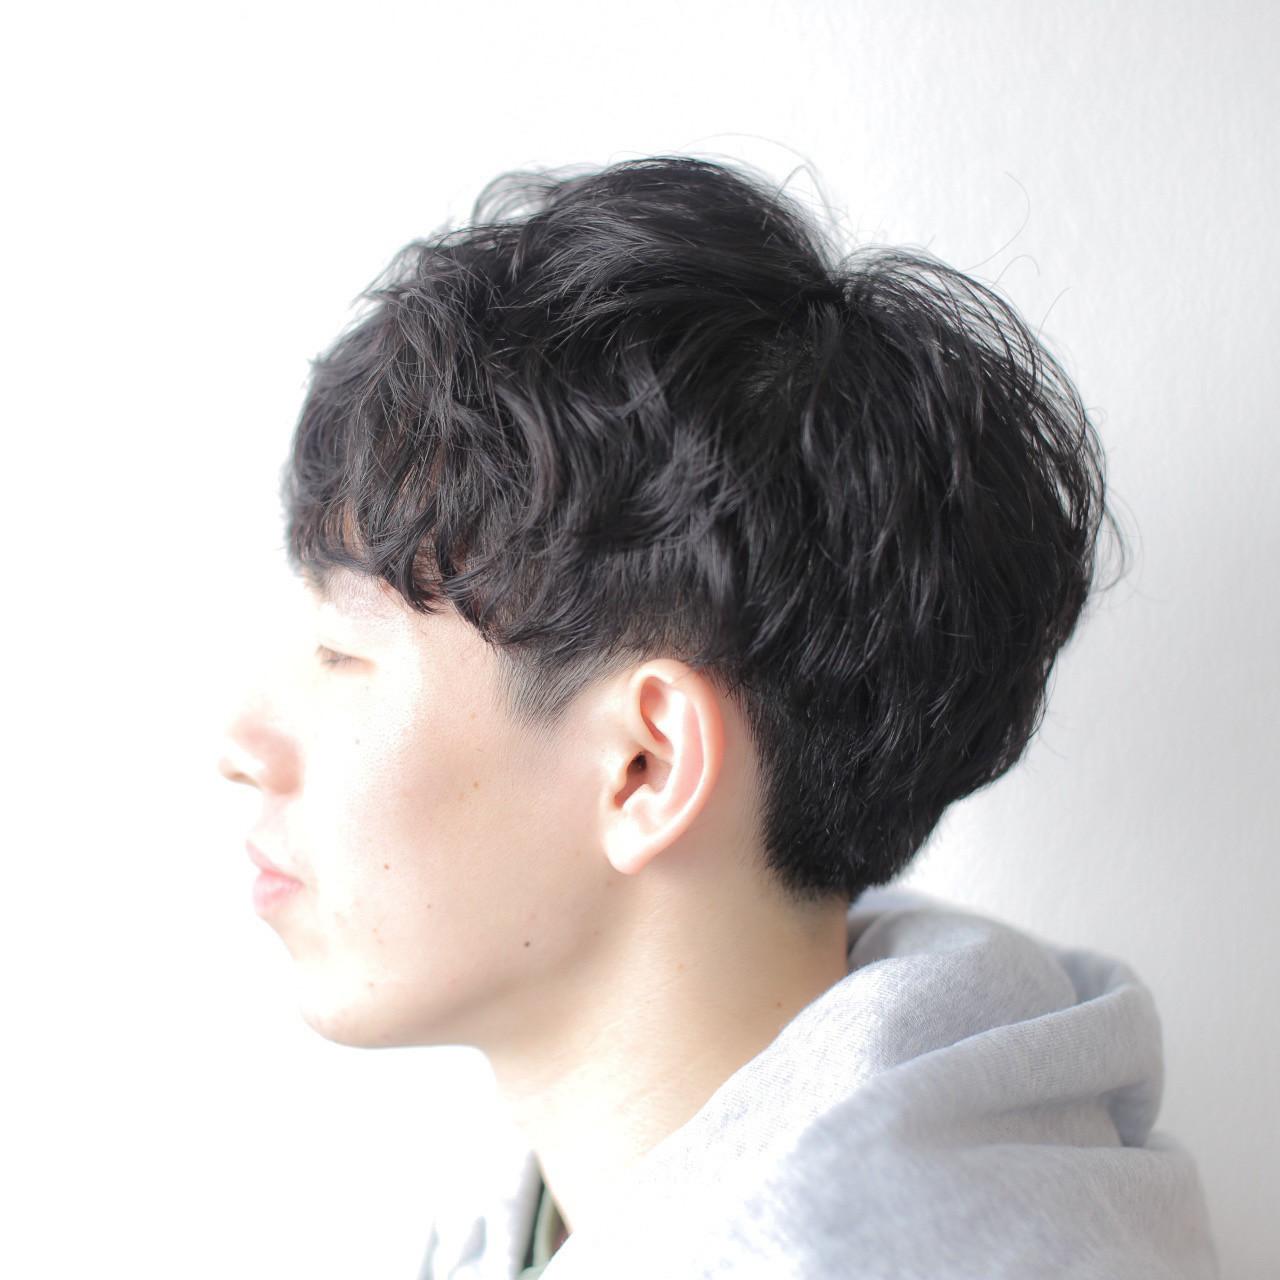 パーマ ニュアンスパーマ ゆるふわパーマ 無造作パーマ ヘアスタイルや髪型の写真・画像